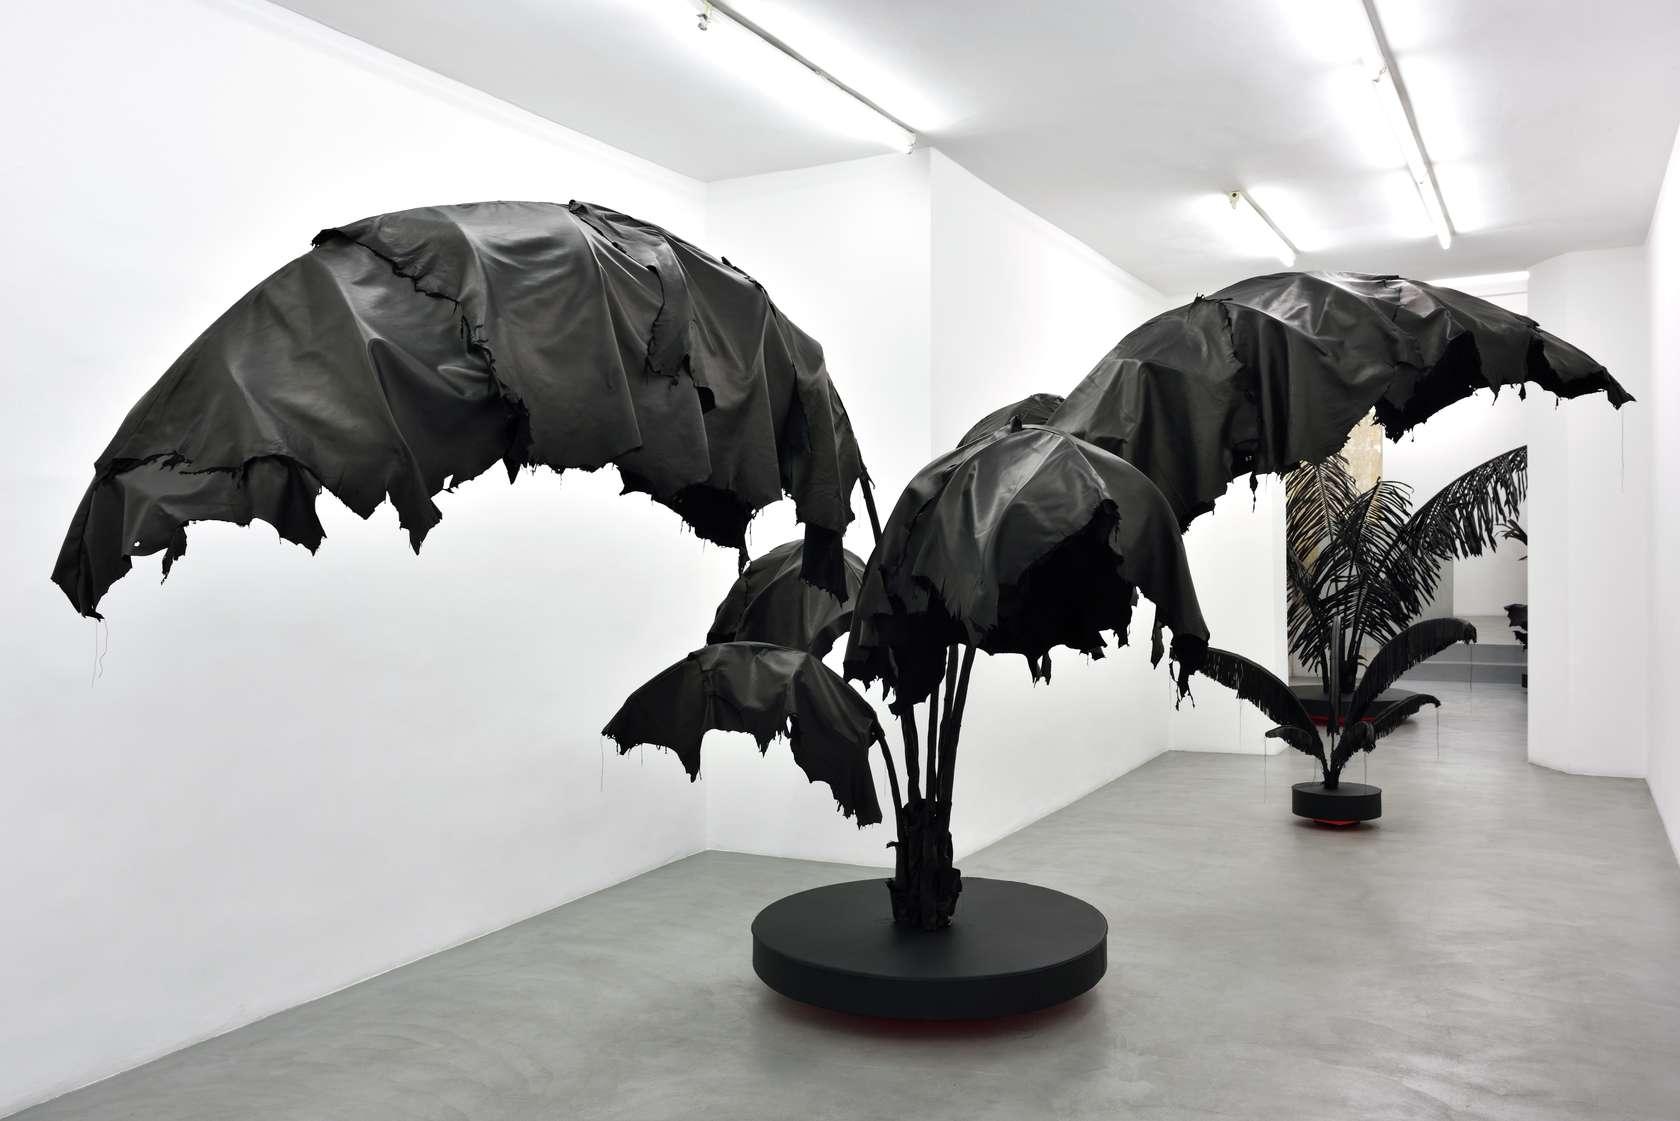 Sébastien Gouju, Contre-jour (Bananier), 2019 Cuir, bois peint et acierApprox. 223 x 433 Ø 111 cm / 87 6/8 x 170 1/2 Ø 43 6/8 inches